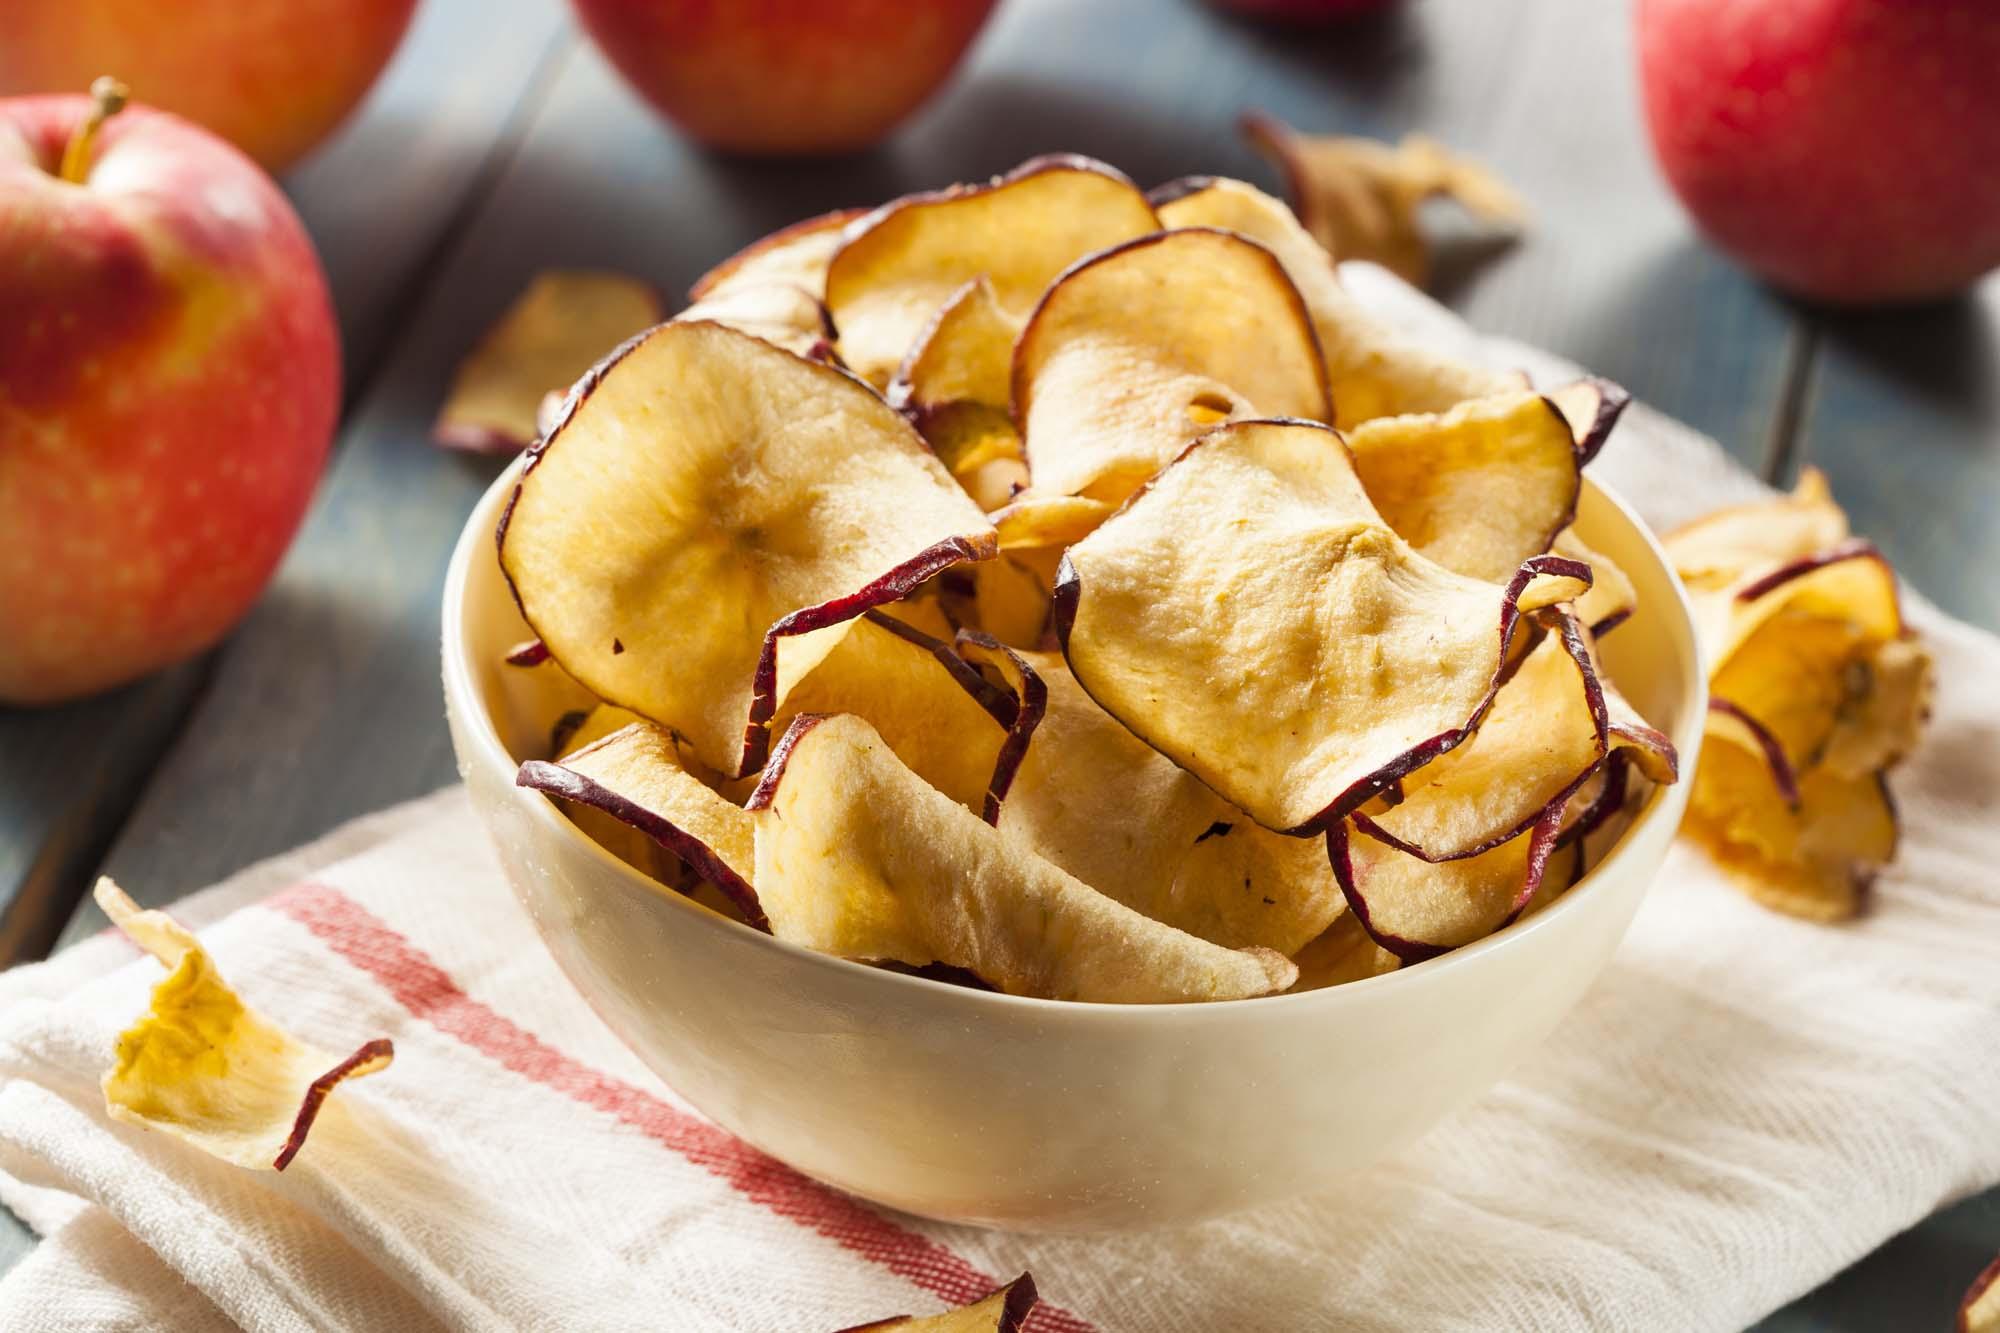 Æblecompot og æblechips